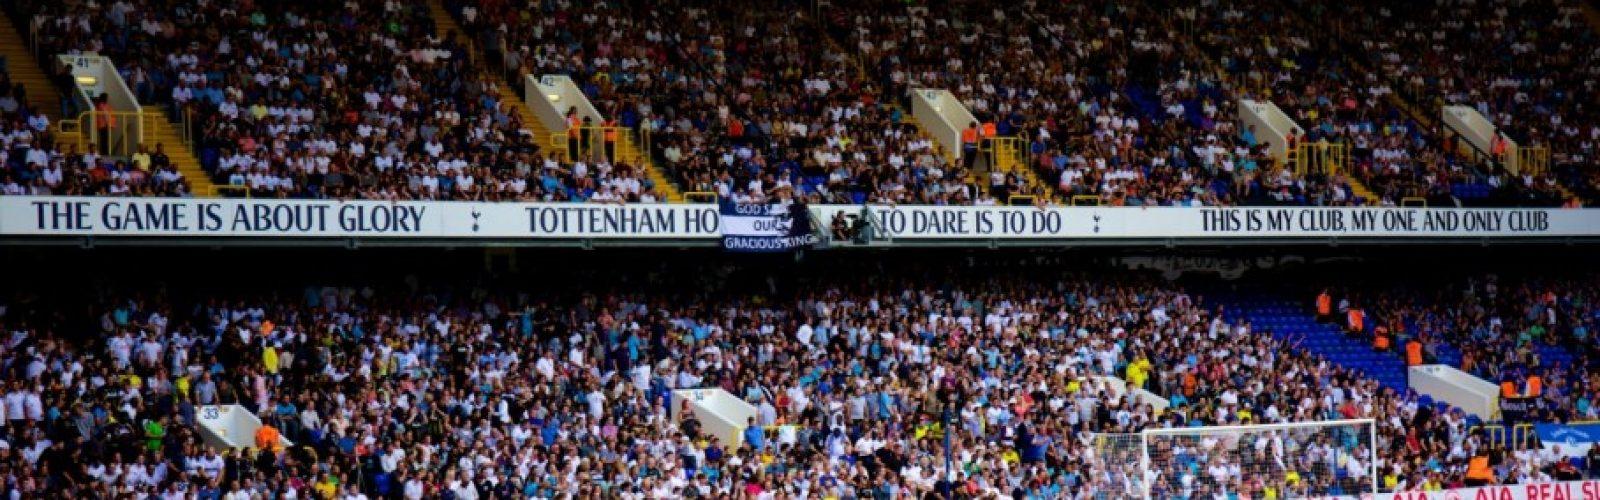 The pulse of White Hart Lane